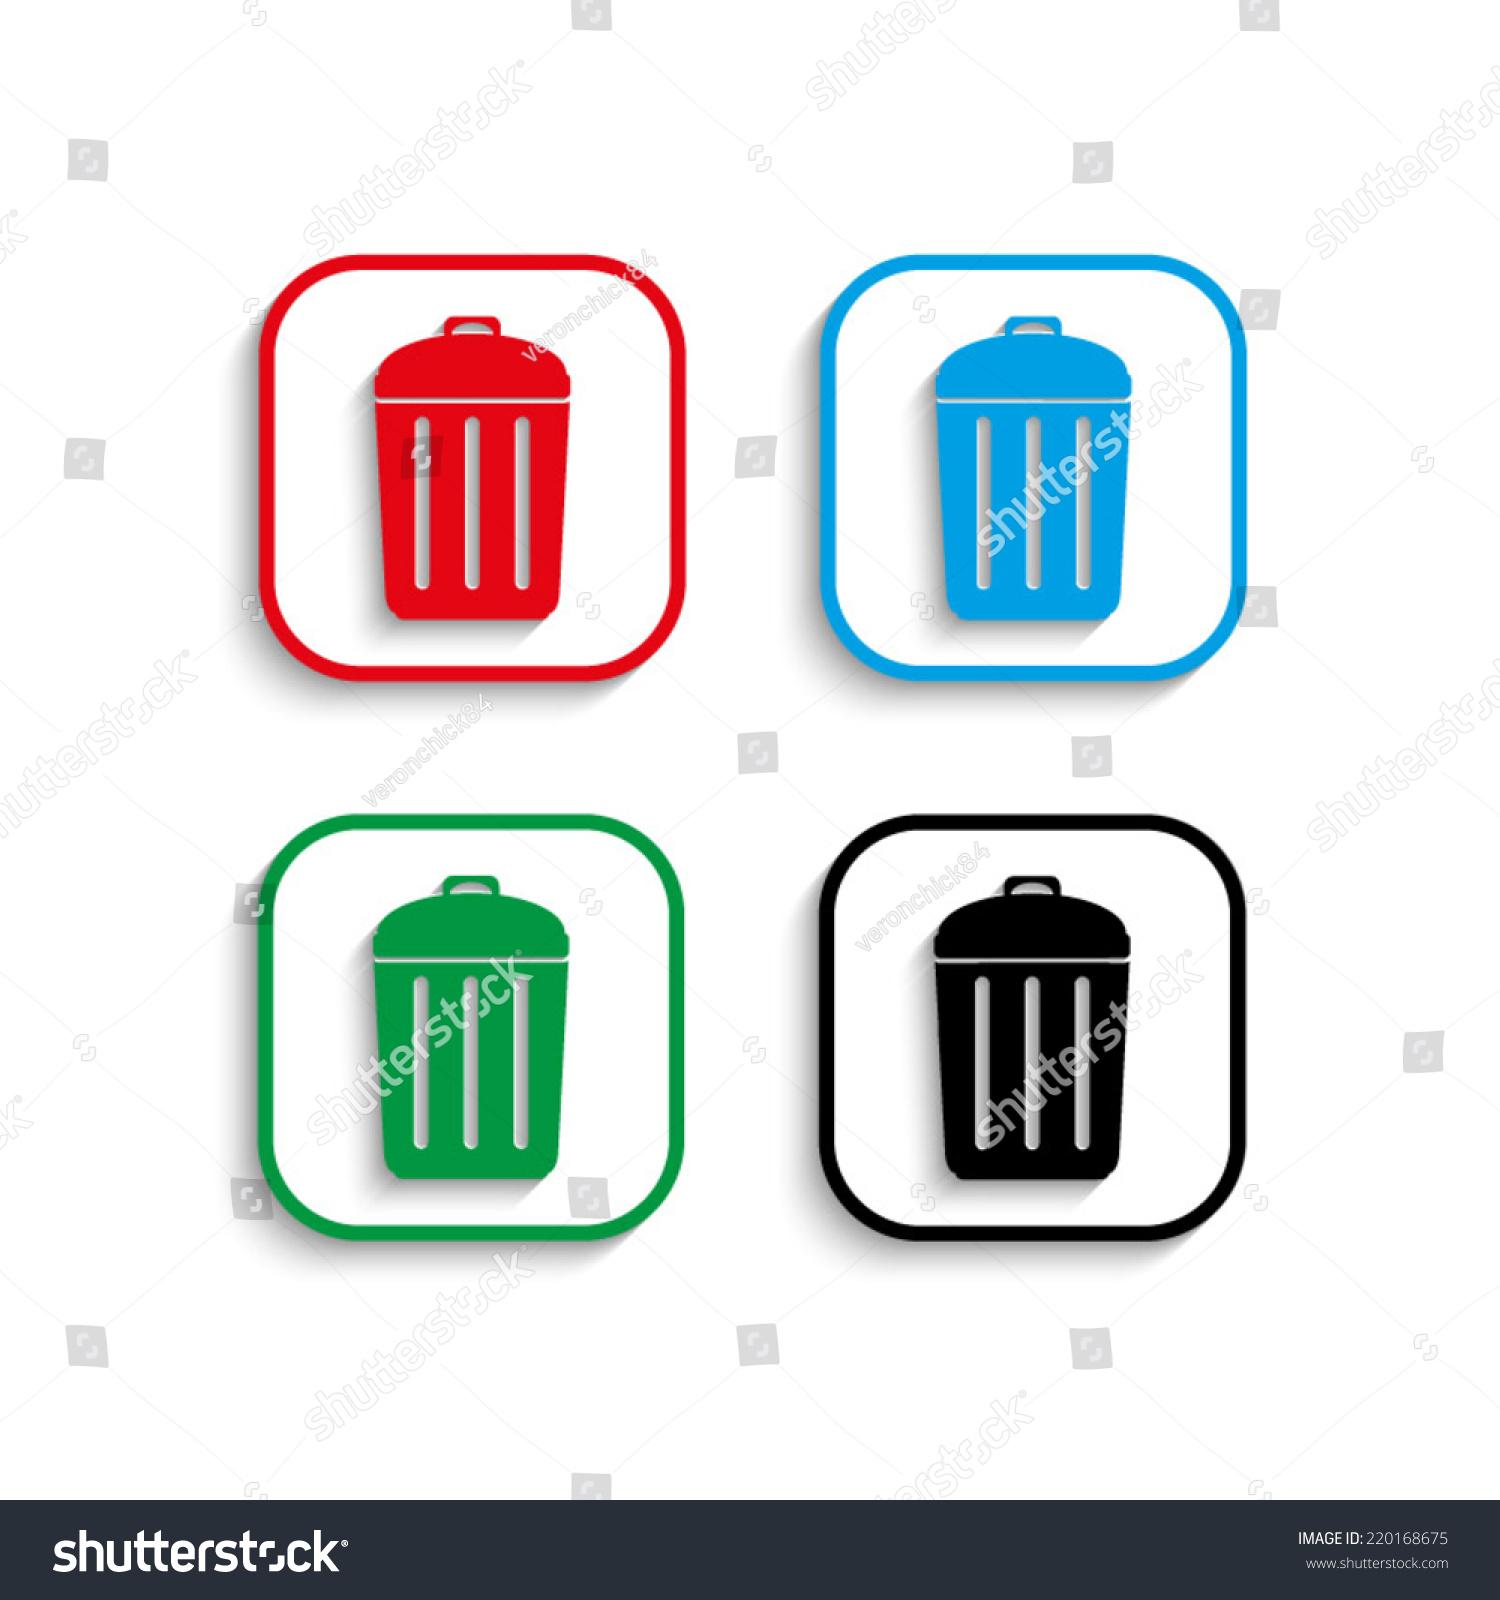 垃圾桶图标有阴影图片